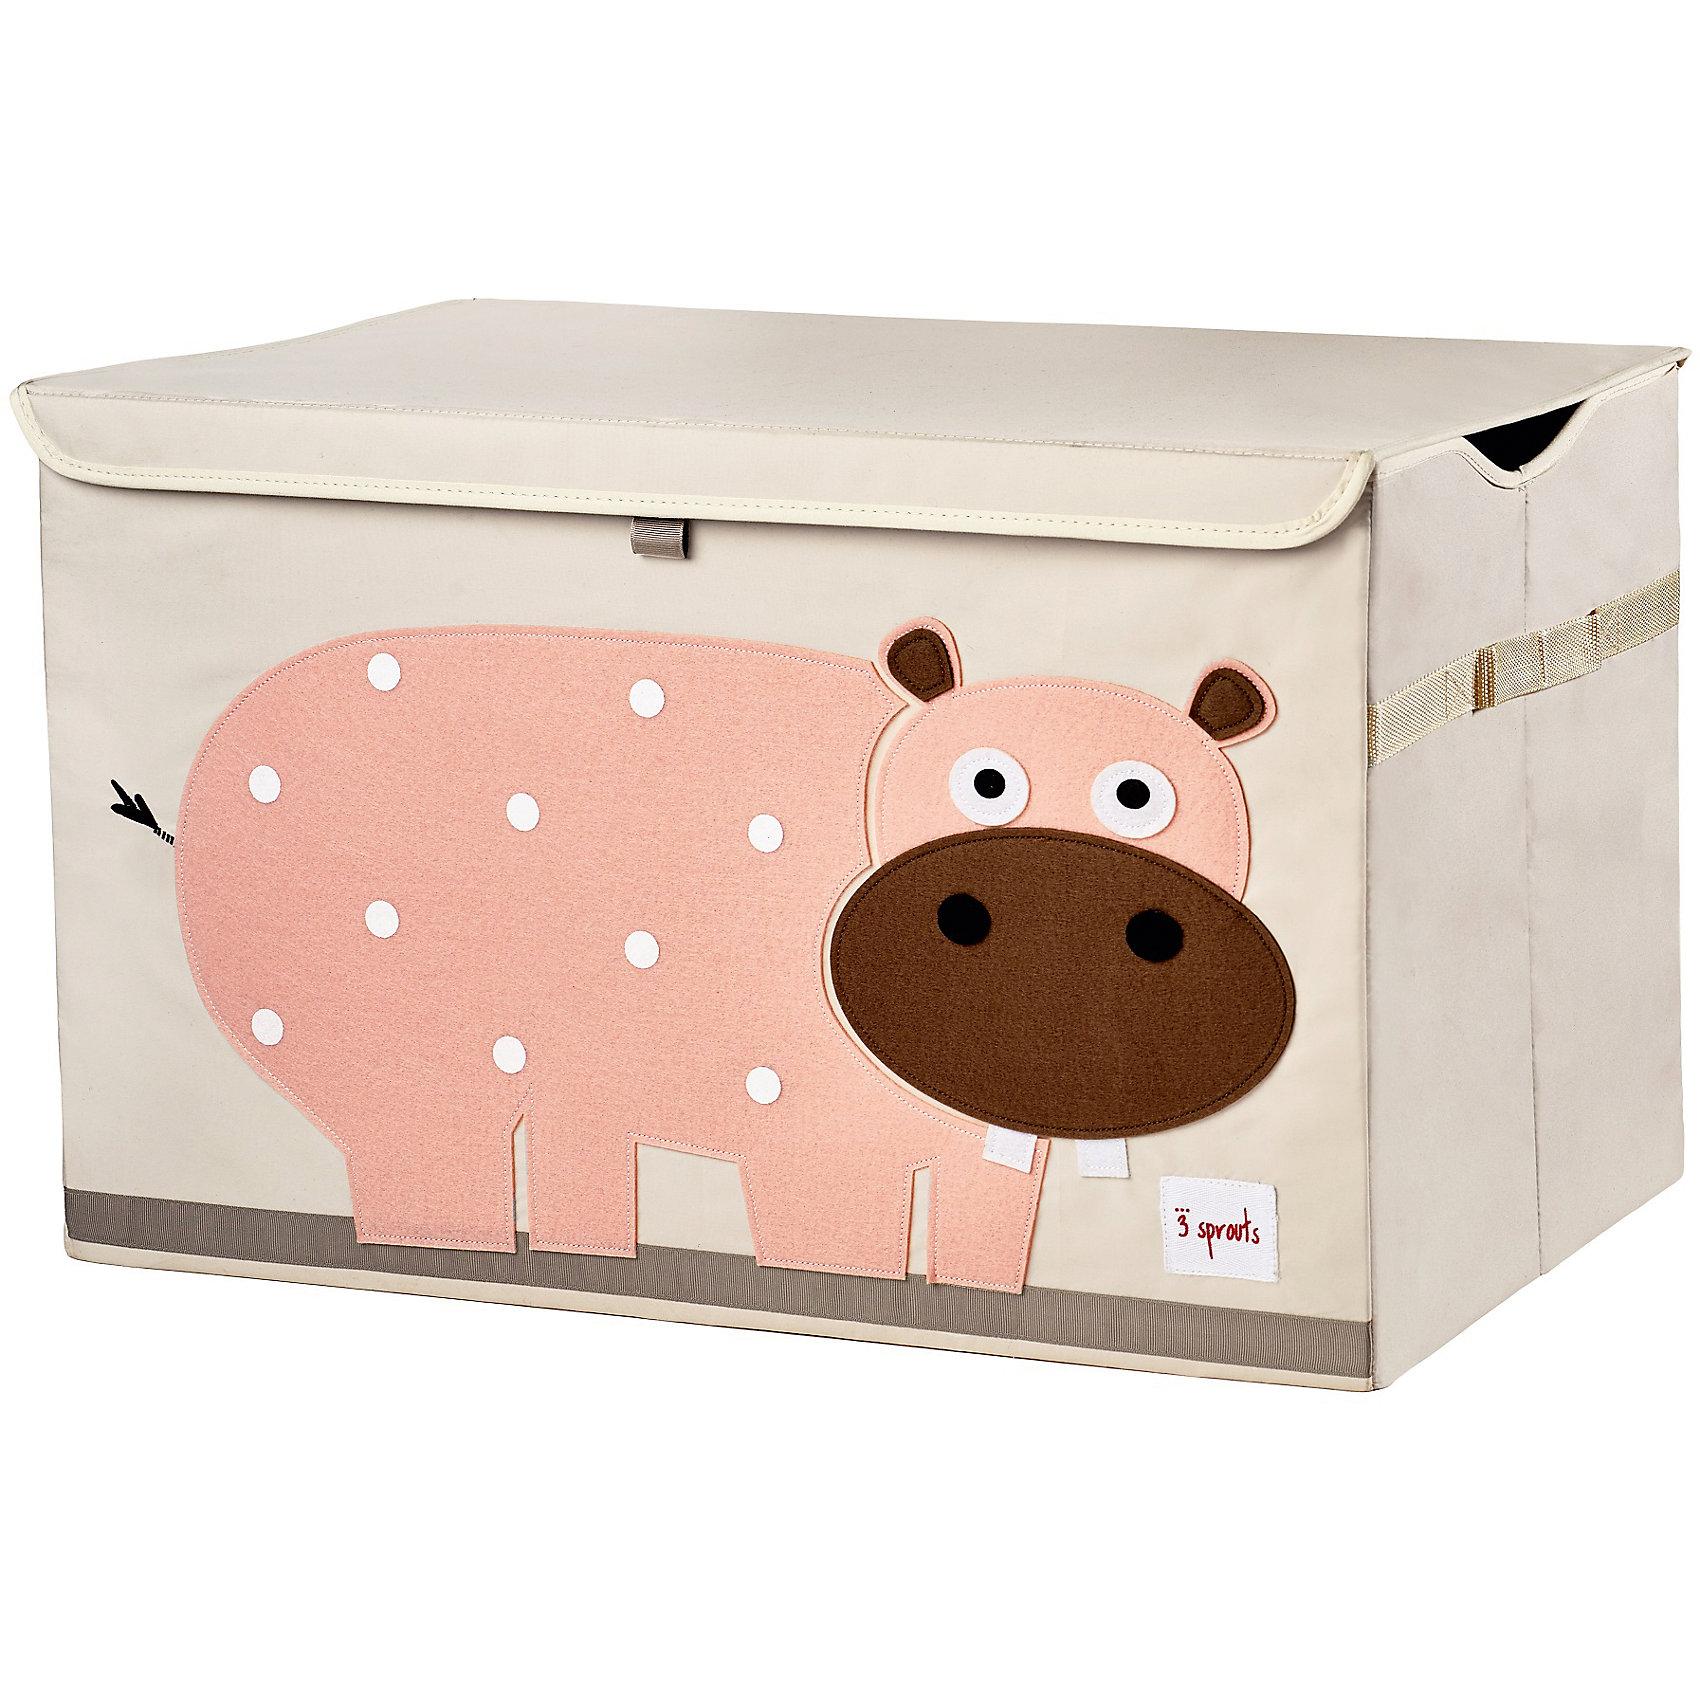 Сундук для хранения игрушек Гиппопотам (Pink Hippo SPR907), 3 SproutsСтильный и вместительный сундук для хранения белья будет прекрасным декором в Вашей комнате!<br><br>Дополнительная информация:<br><br>- Размер: 38x61x37 см.<br>- Материал: 100% полиэстер, 100% полиэстеровая фетровая аппликация, ДСП.<br>- Орнамент: Гиппопотам.<br><br>Купить сундук для хранения игрушек Гиппопотам (Pink Hippo), можно в нашем магазине.<br><br>Ширина мм: 680<br>Глубина мм: 27<br>Высота мм: 267<br>Вес г: 2432<br>Возраст от месяцев: 6<br>Возраст до месяцев: 84<br>Пол: Унисекс<br>Возраст: Детский<br>SKU: 5098257